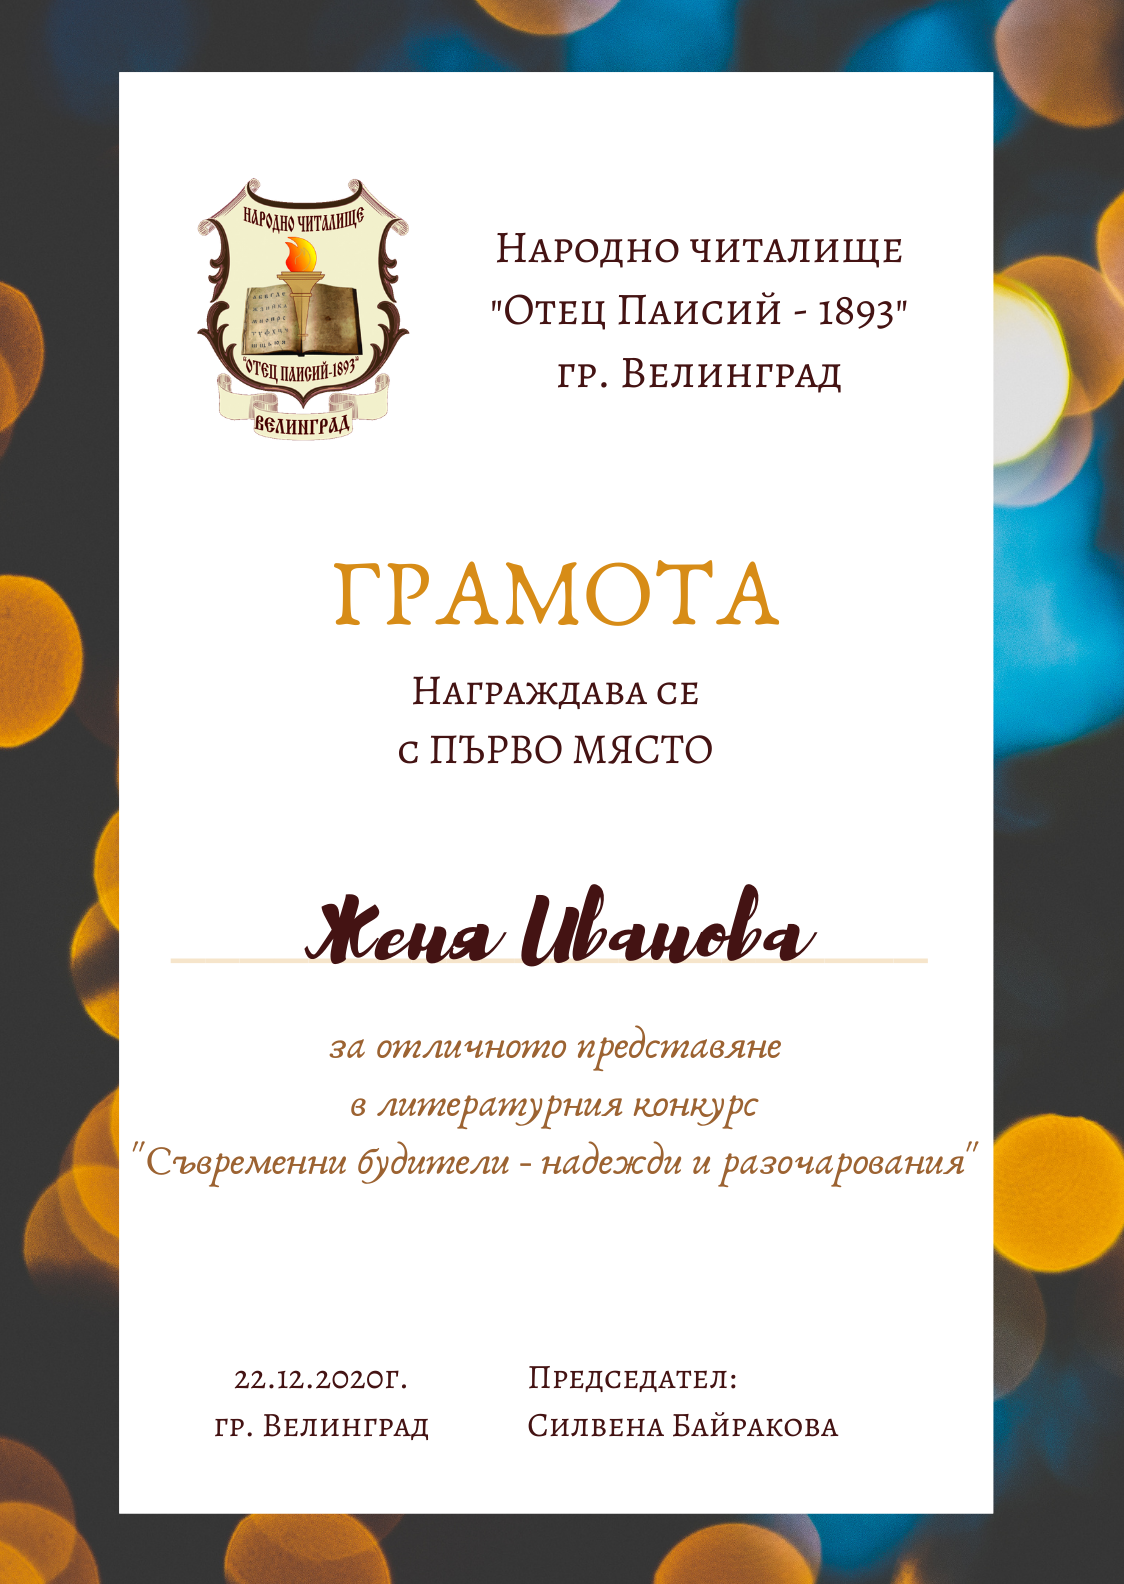 I_certificate